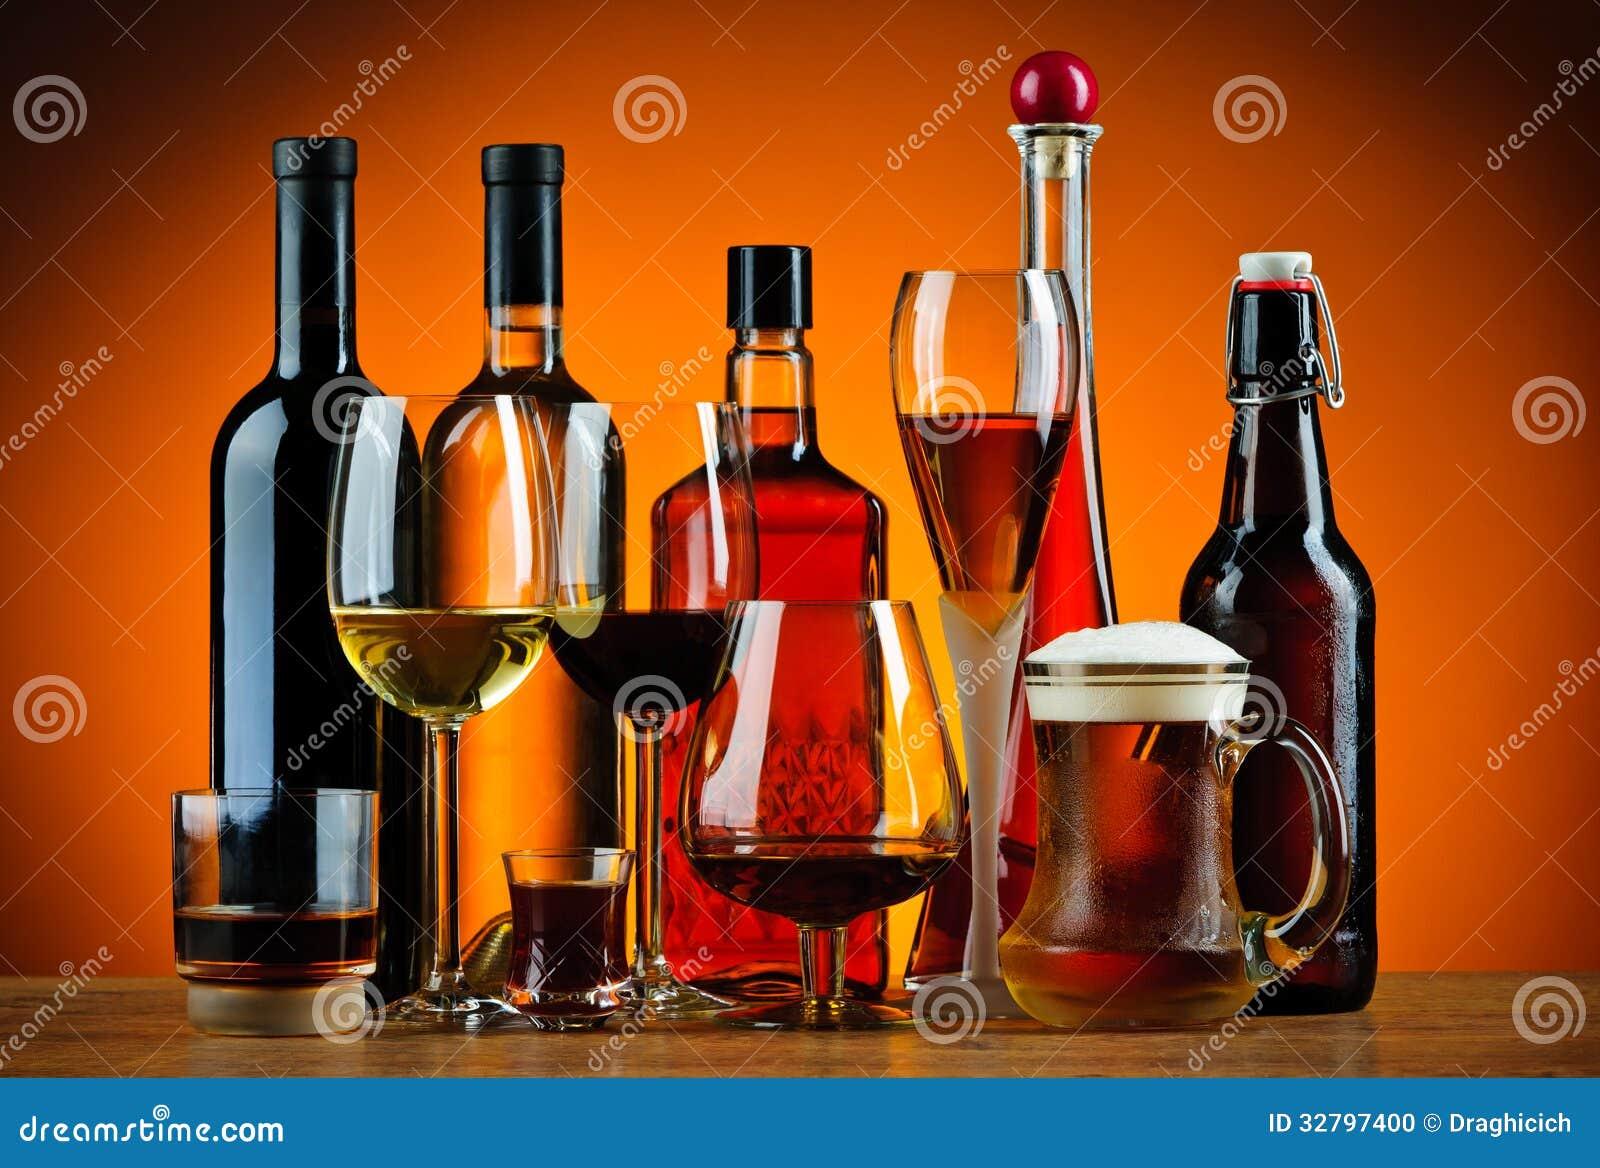 flaschen und gl ser alkoholgetr nke stockfoto bild von h lzern pint 32797400. Black Bedroom Furniture Sets. Home Design Ideas